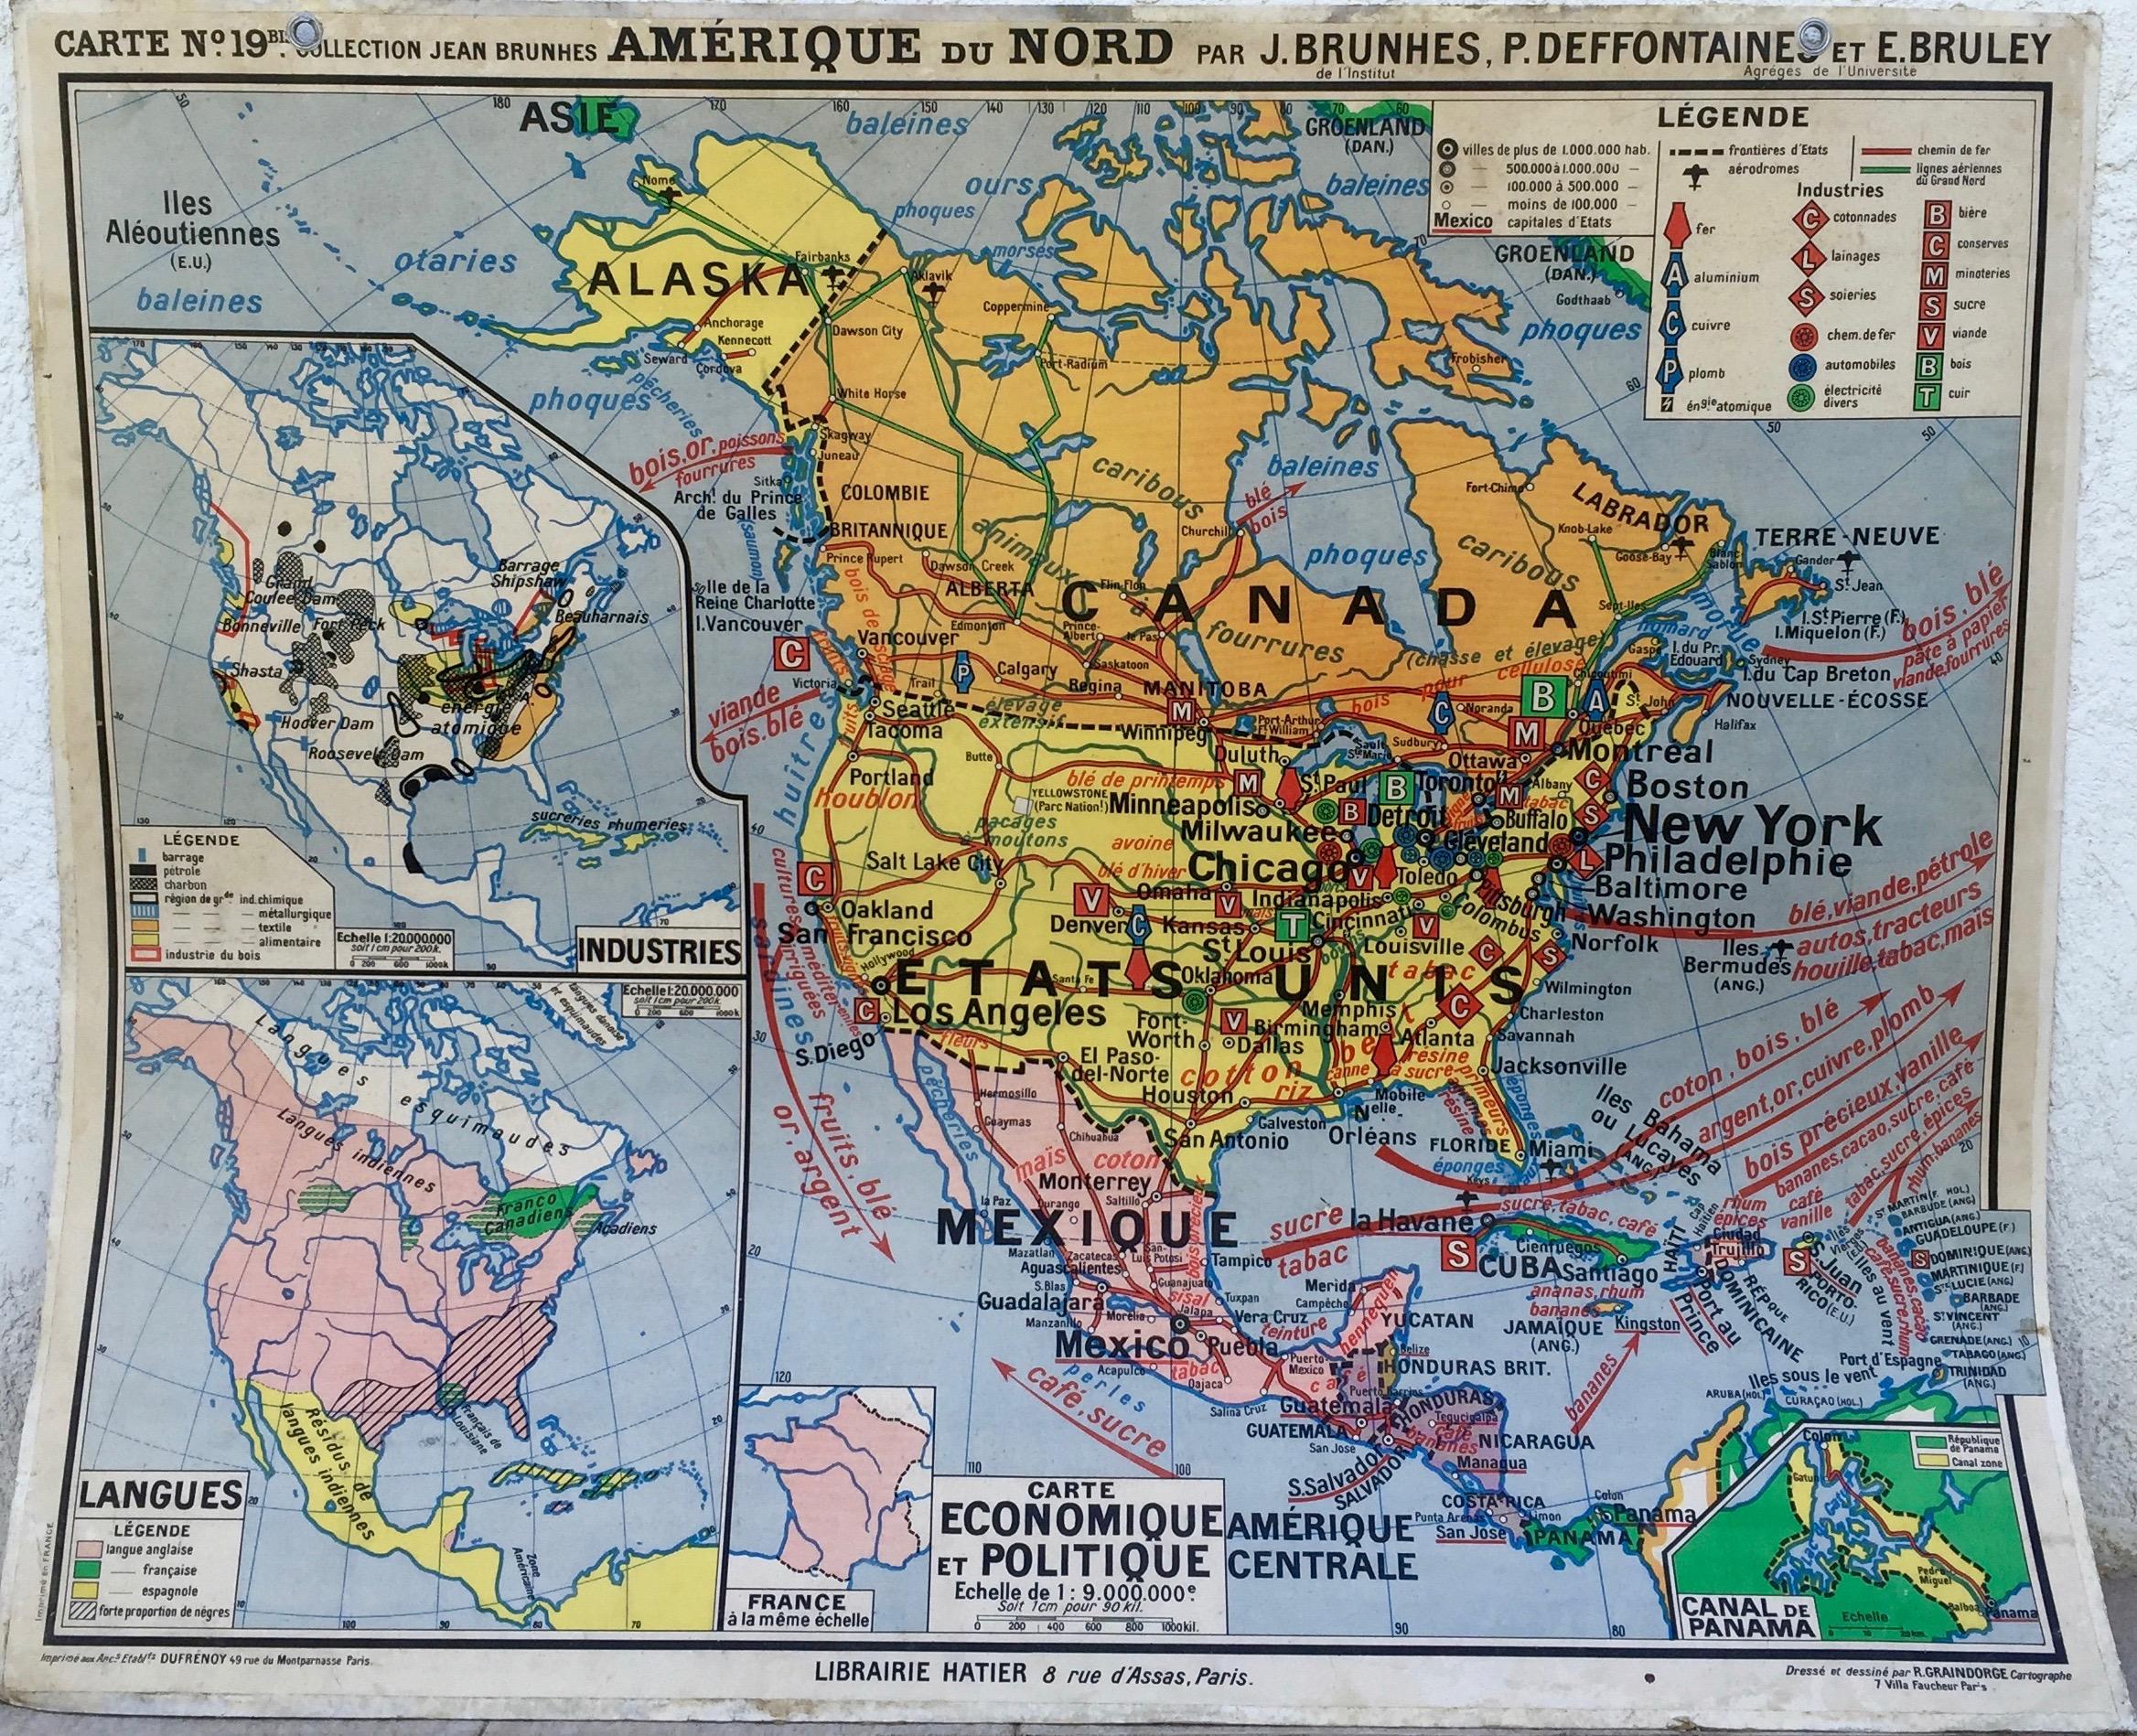 Carte scolaire Amérique du Nord